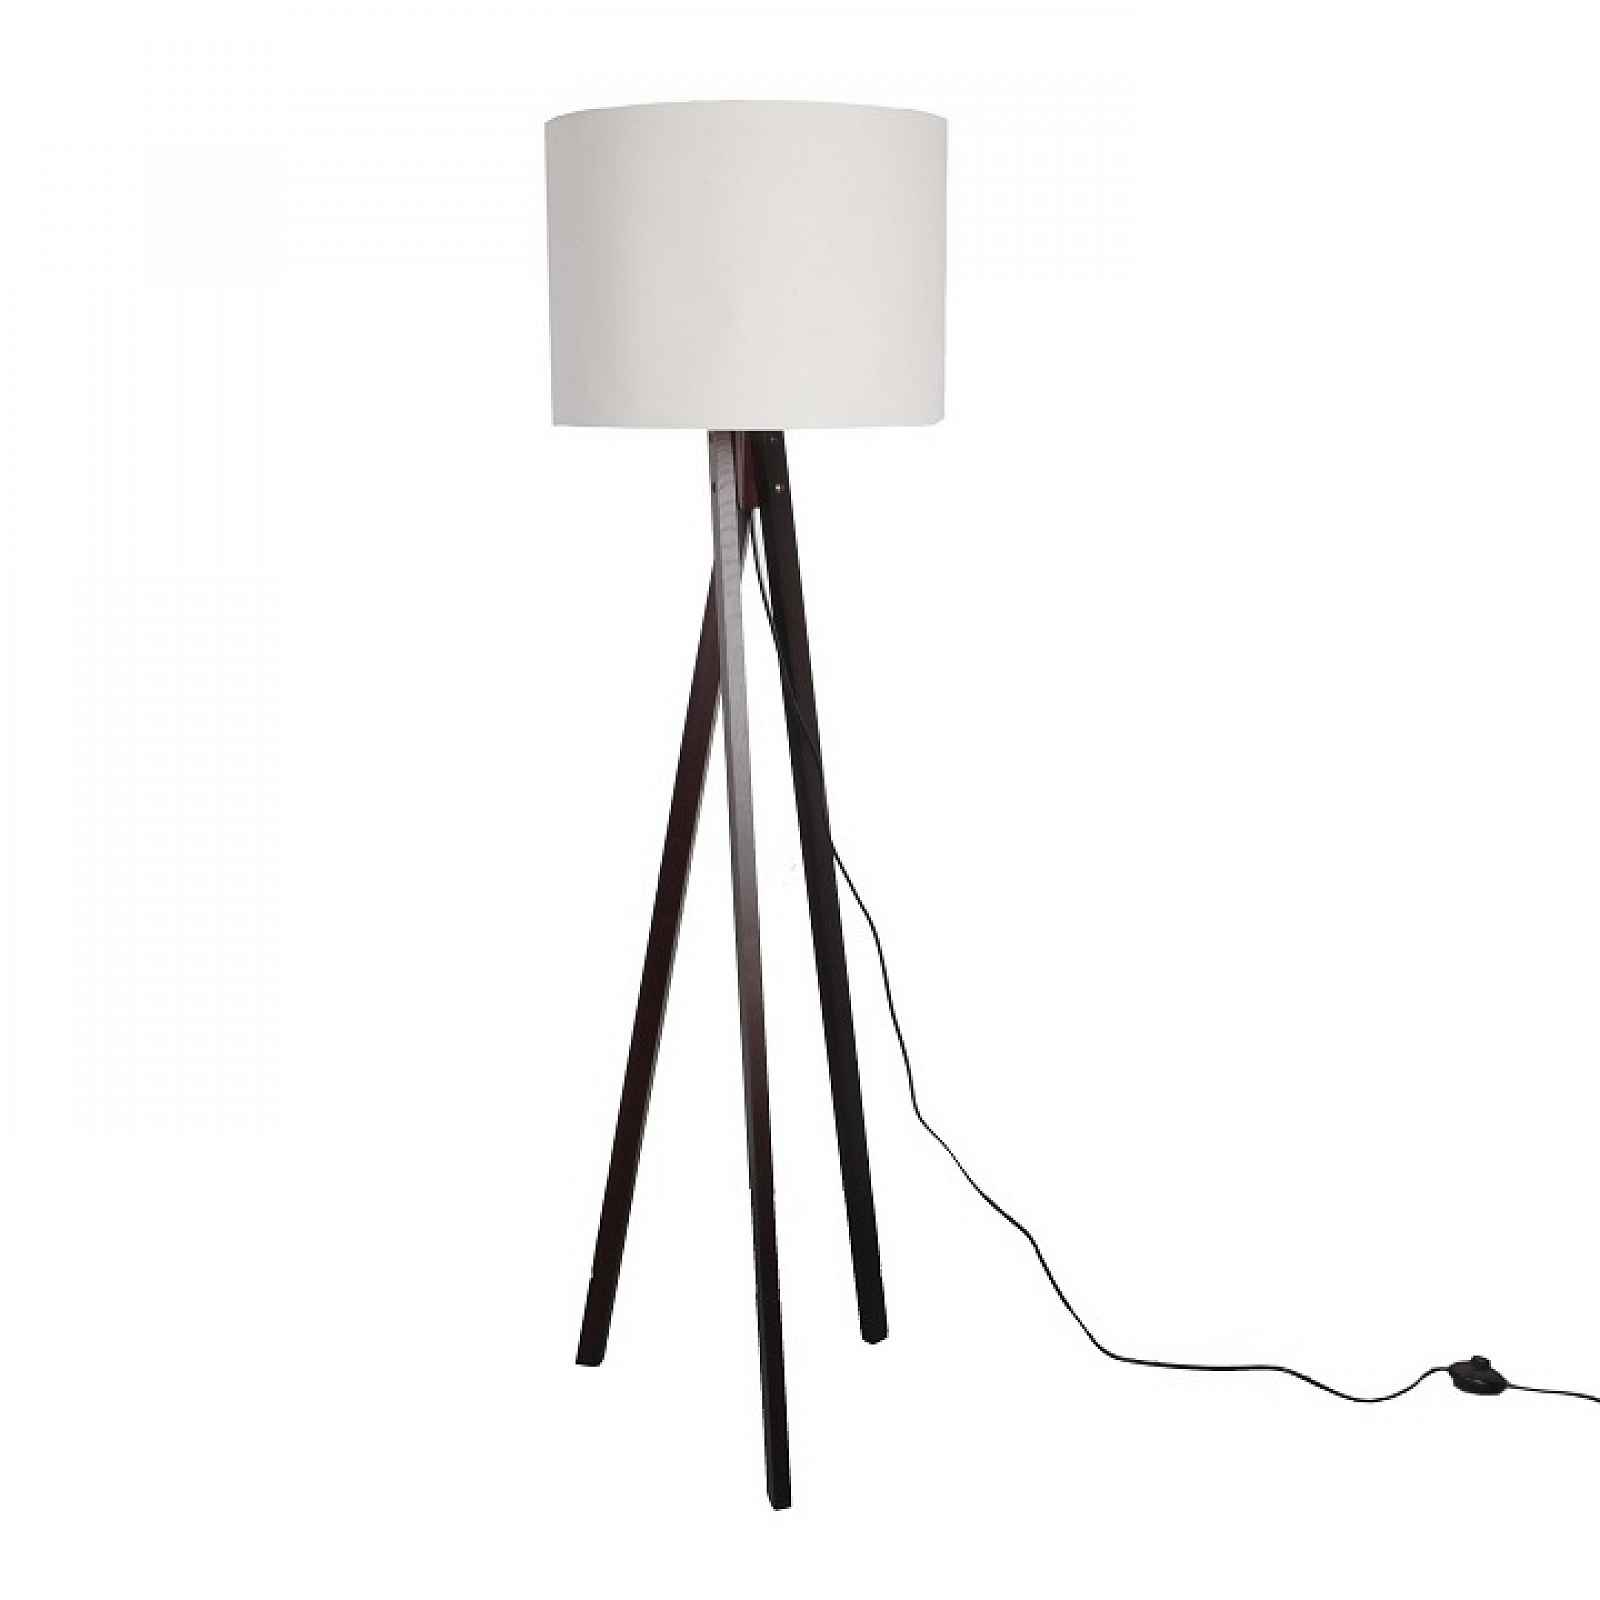 Stojací lampa, bílá / dřevo černé, LILA TYP 9 0000190676 Tempo Kondela